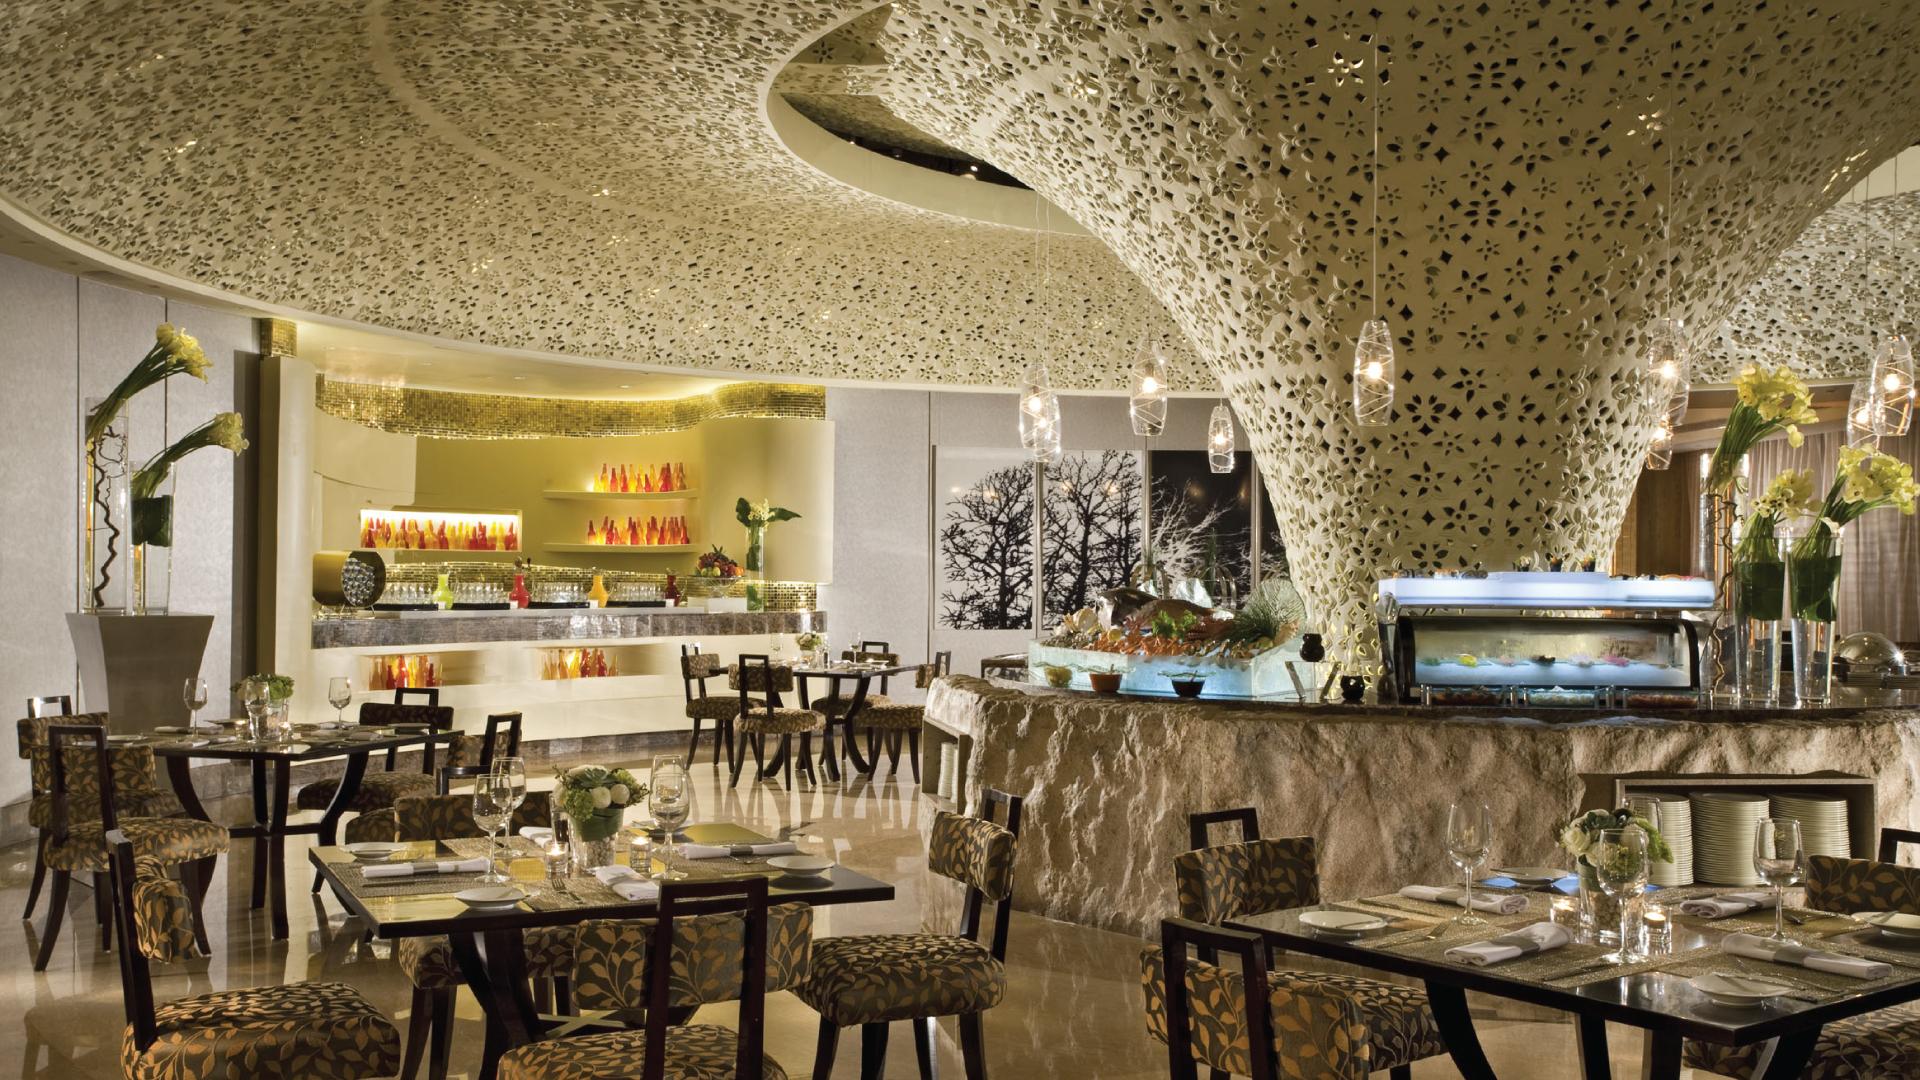 thecafe_hotel_mulia_jakarta_32.jpg